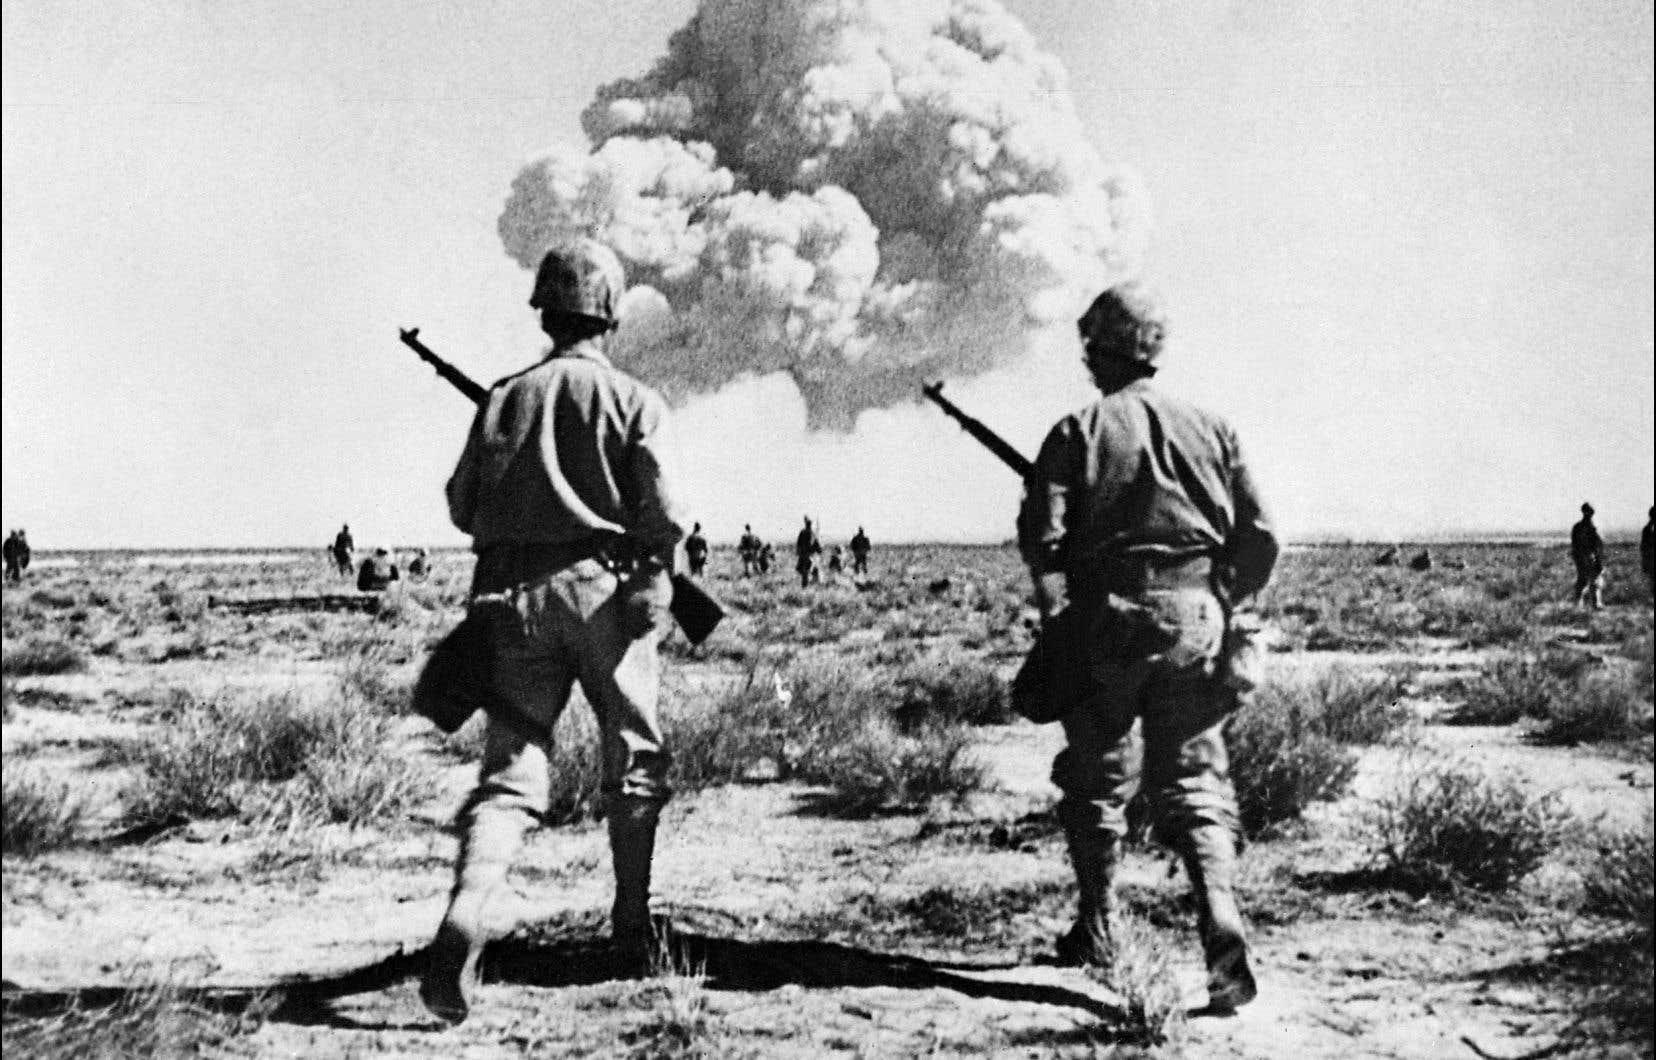 Un essai nucléaire américain, le 25 avril 1952